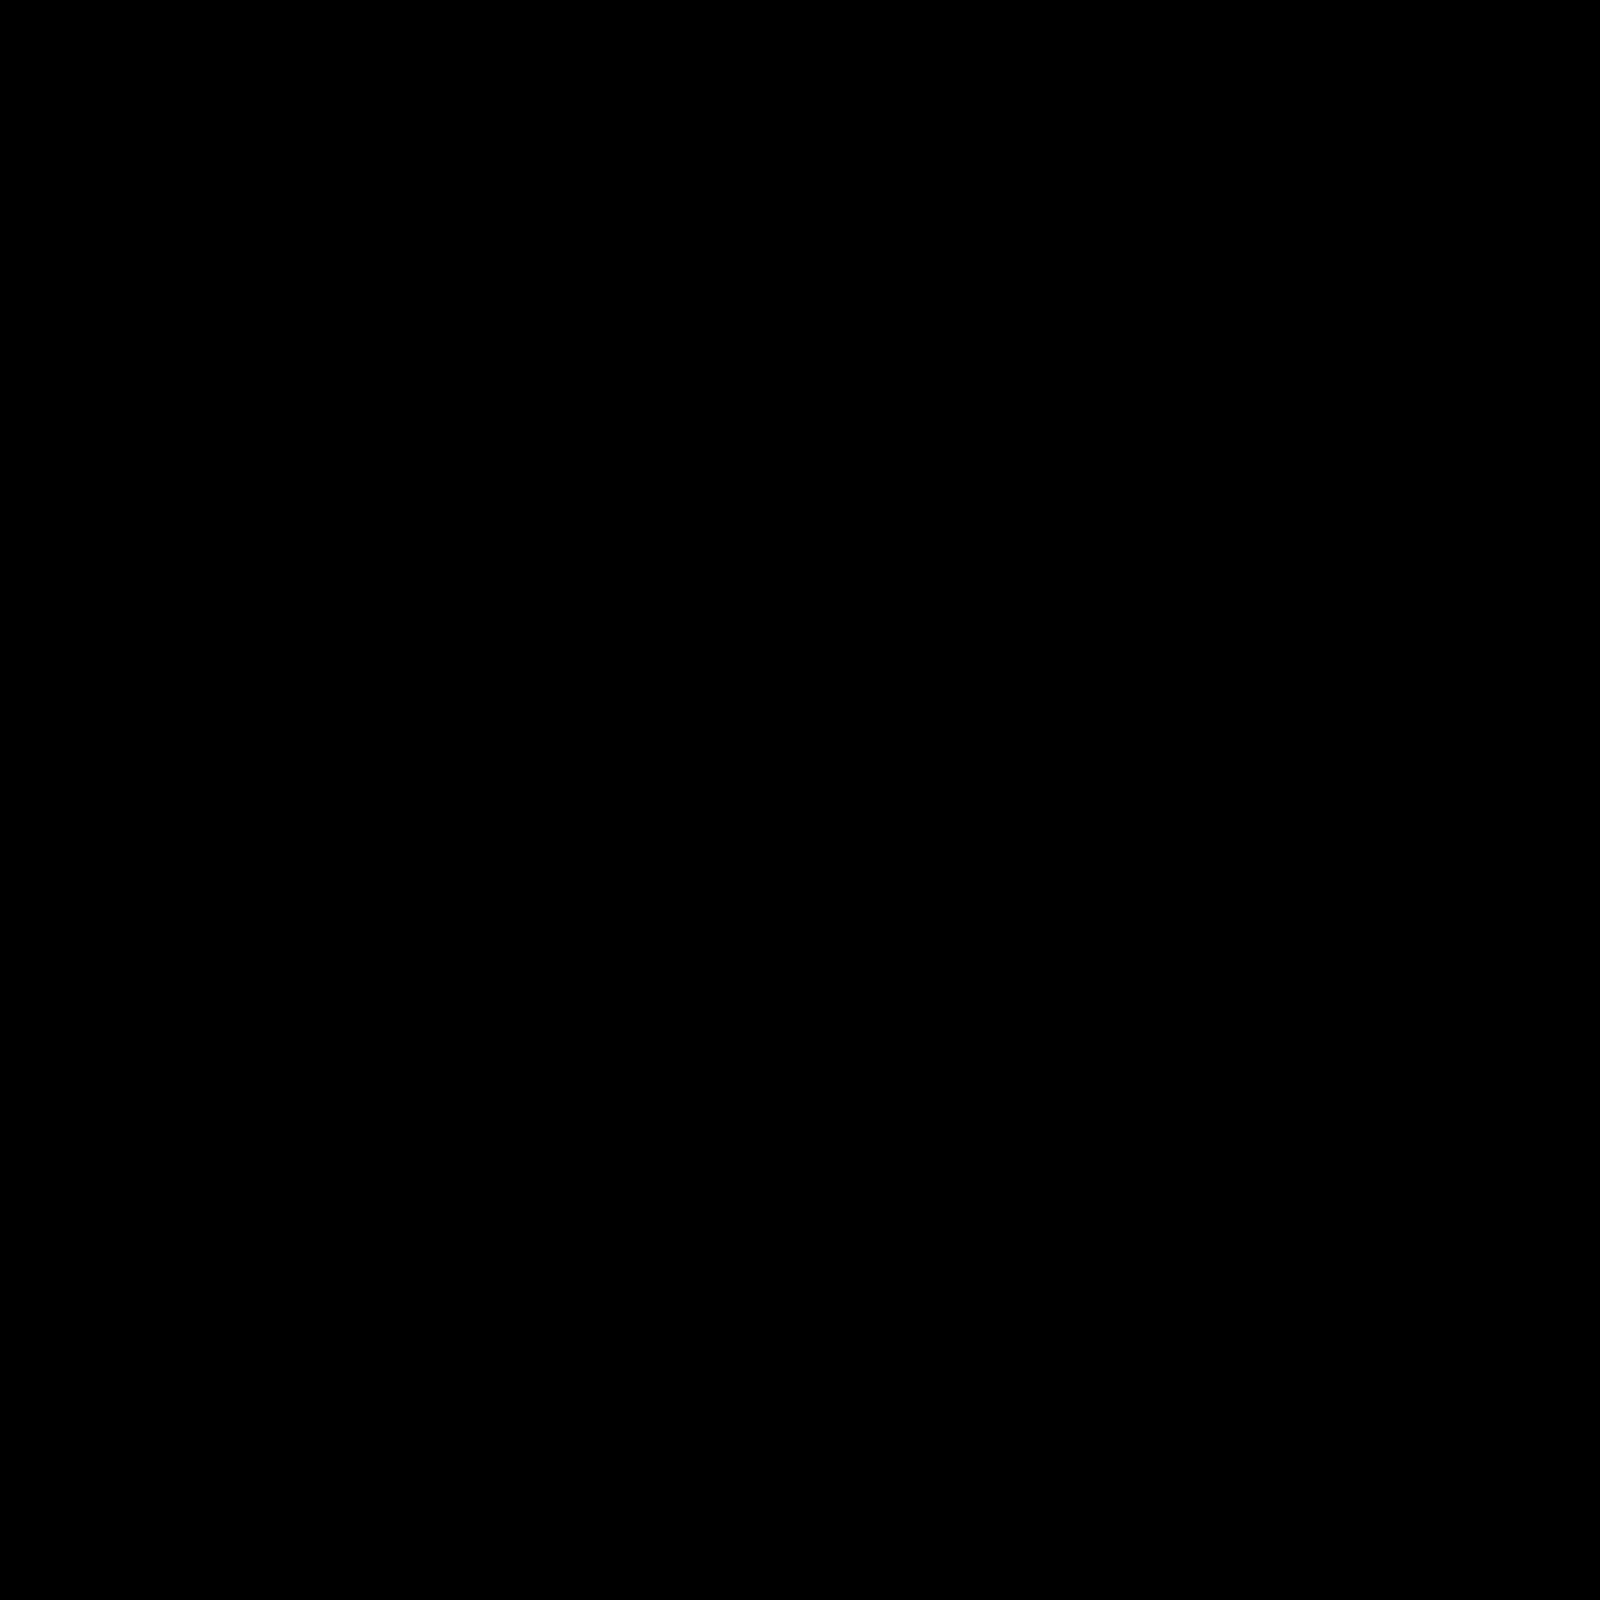 Soporte horizontal icon